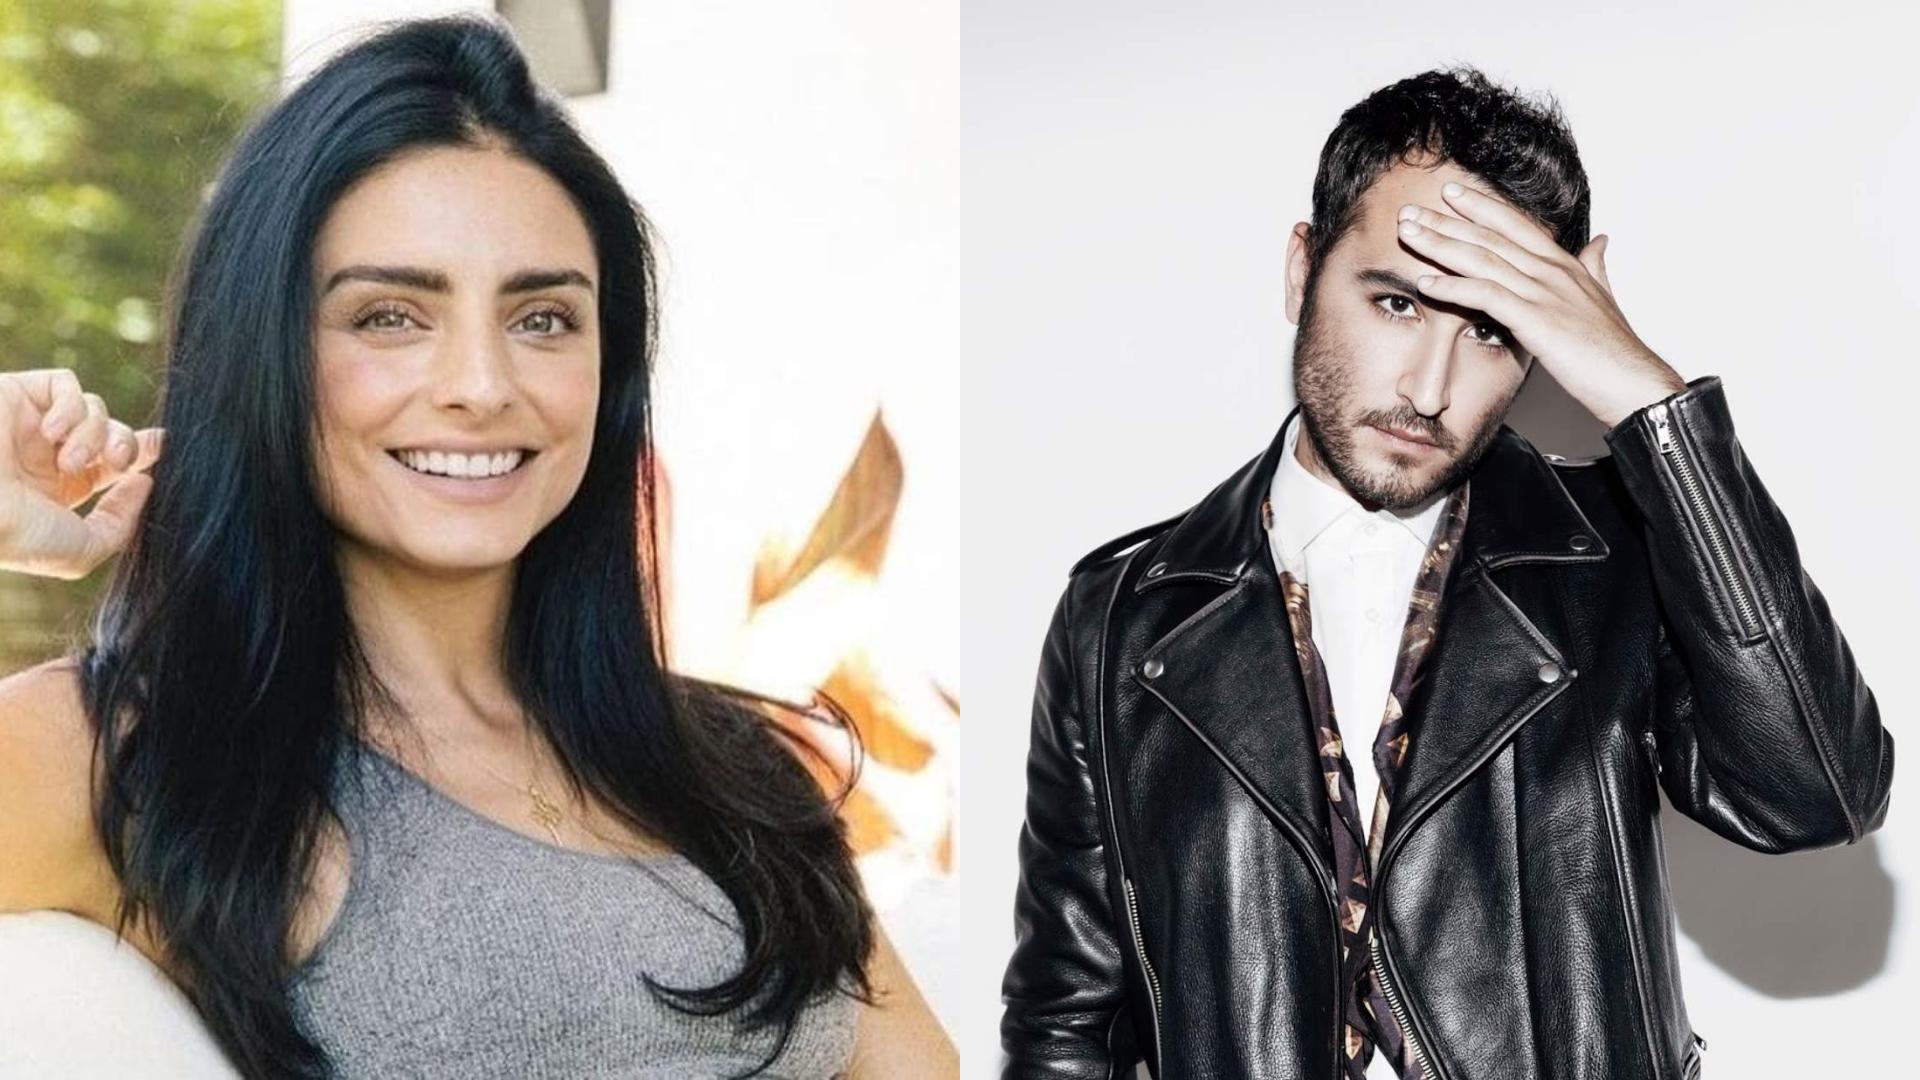 Aislinn Derbez confiesa su relación con Jesús Navarro, vocalista de Reik